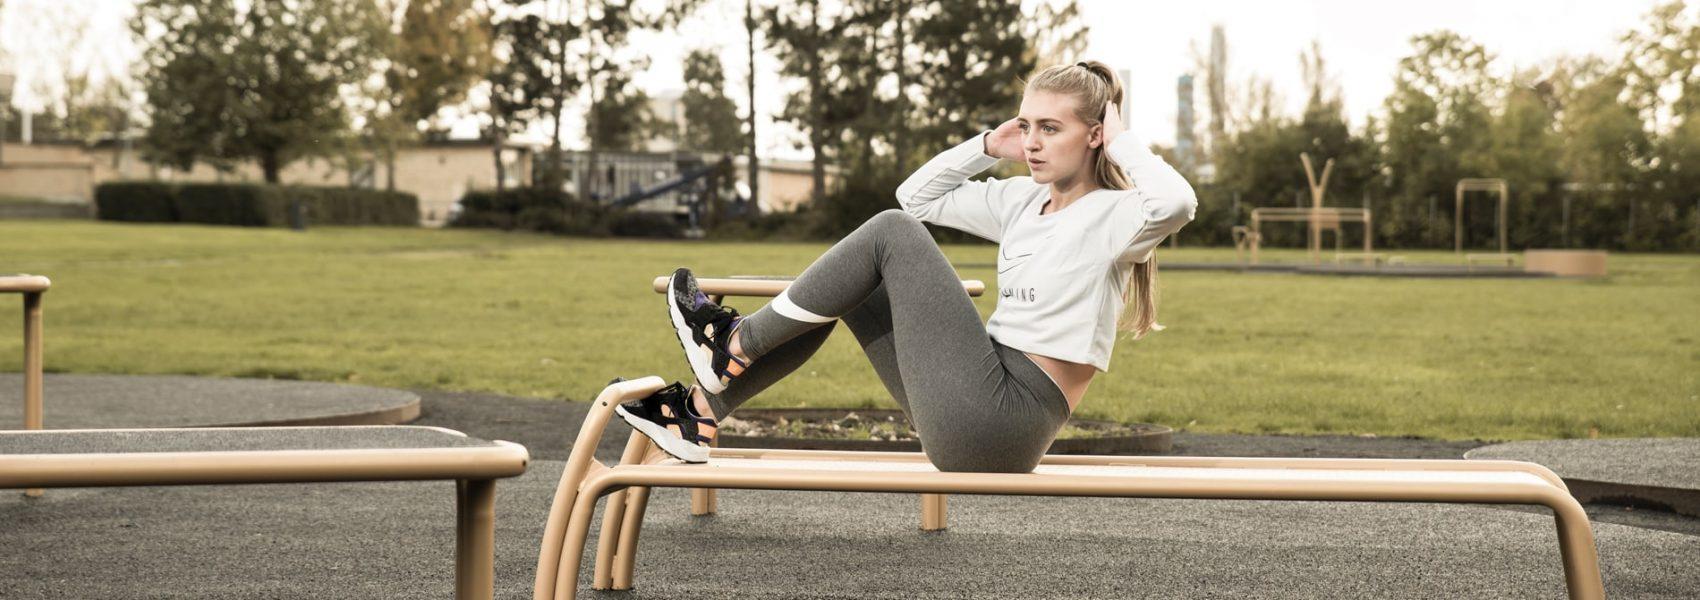 Udendoers fitnessredskab til træning i det fri dansk design